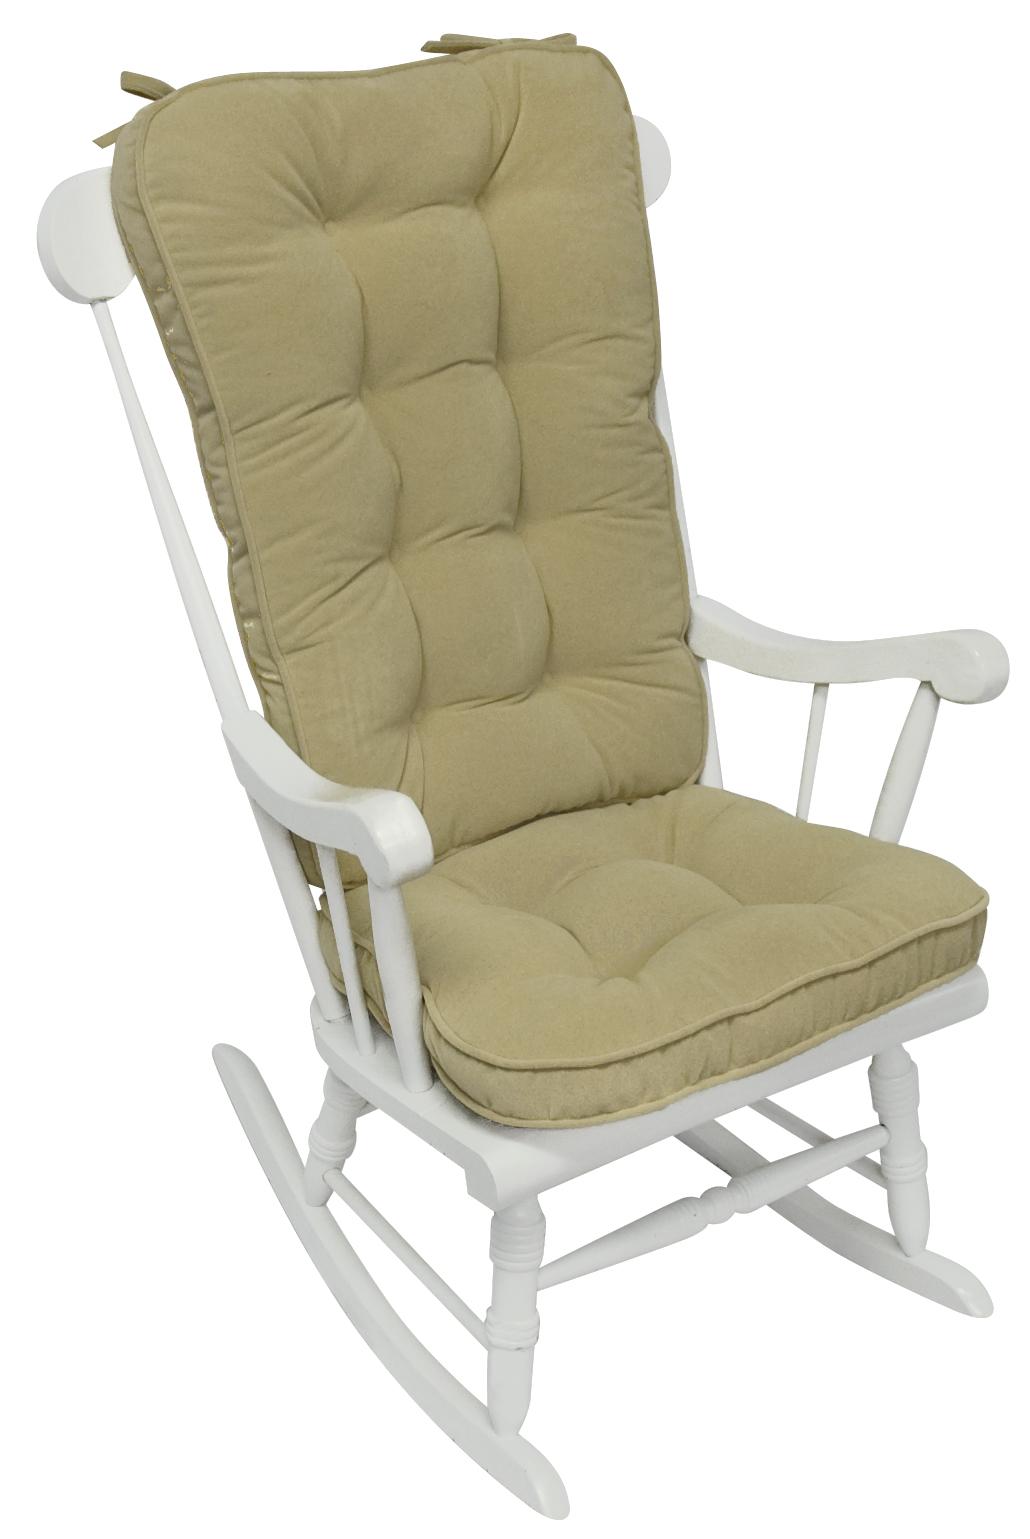 Rocking Chair Back Cushion Chair Pads Amp Cushions